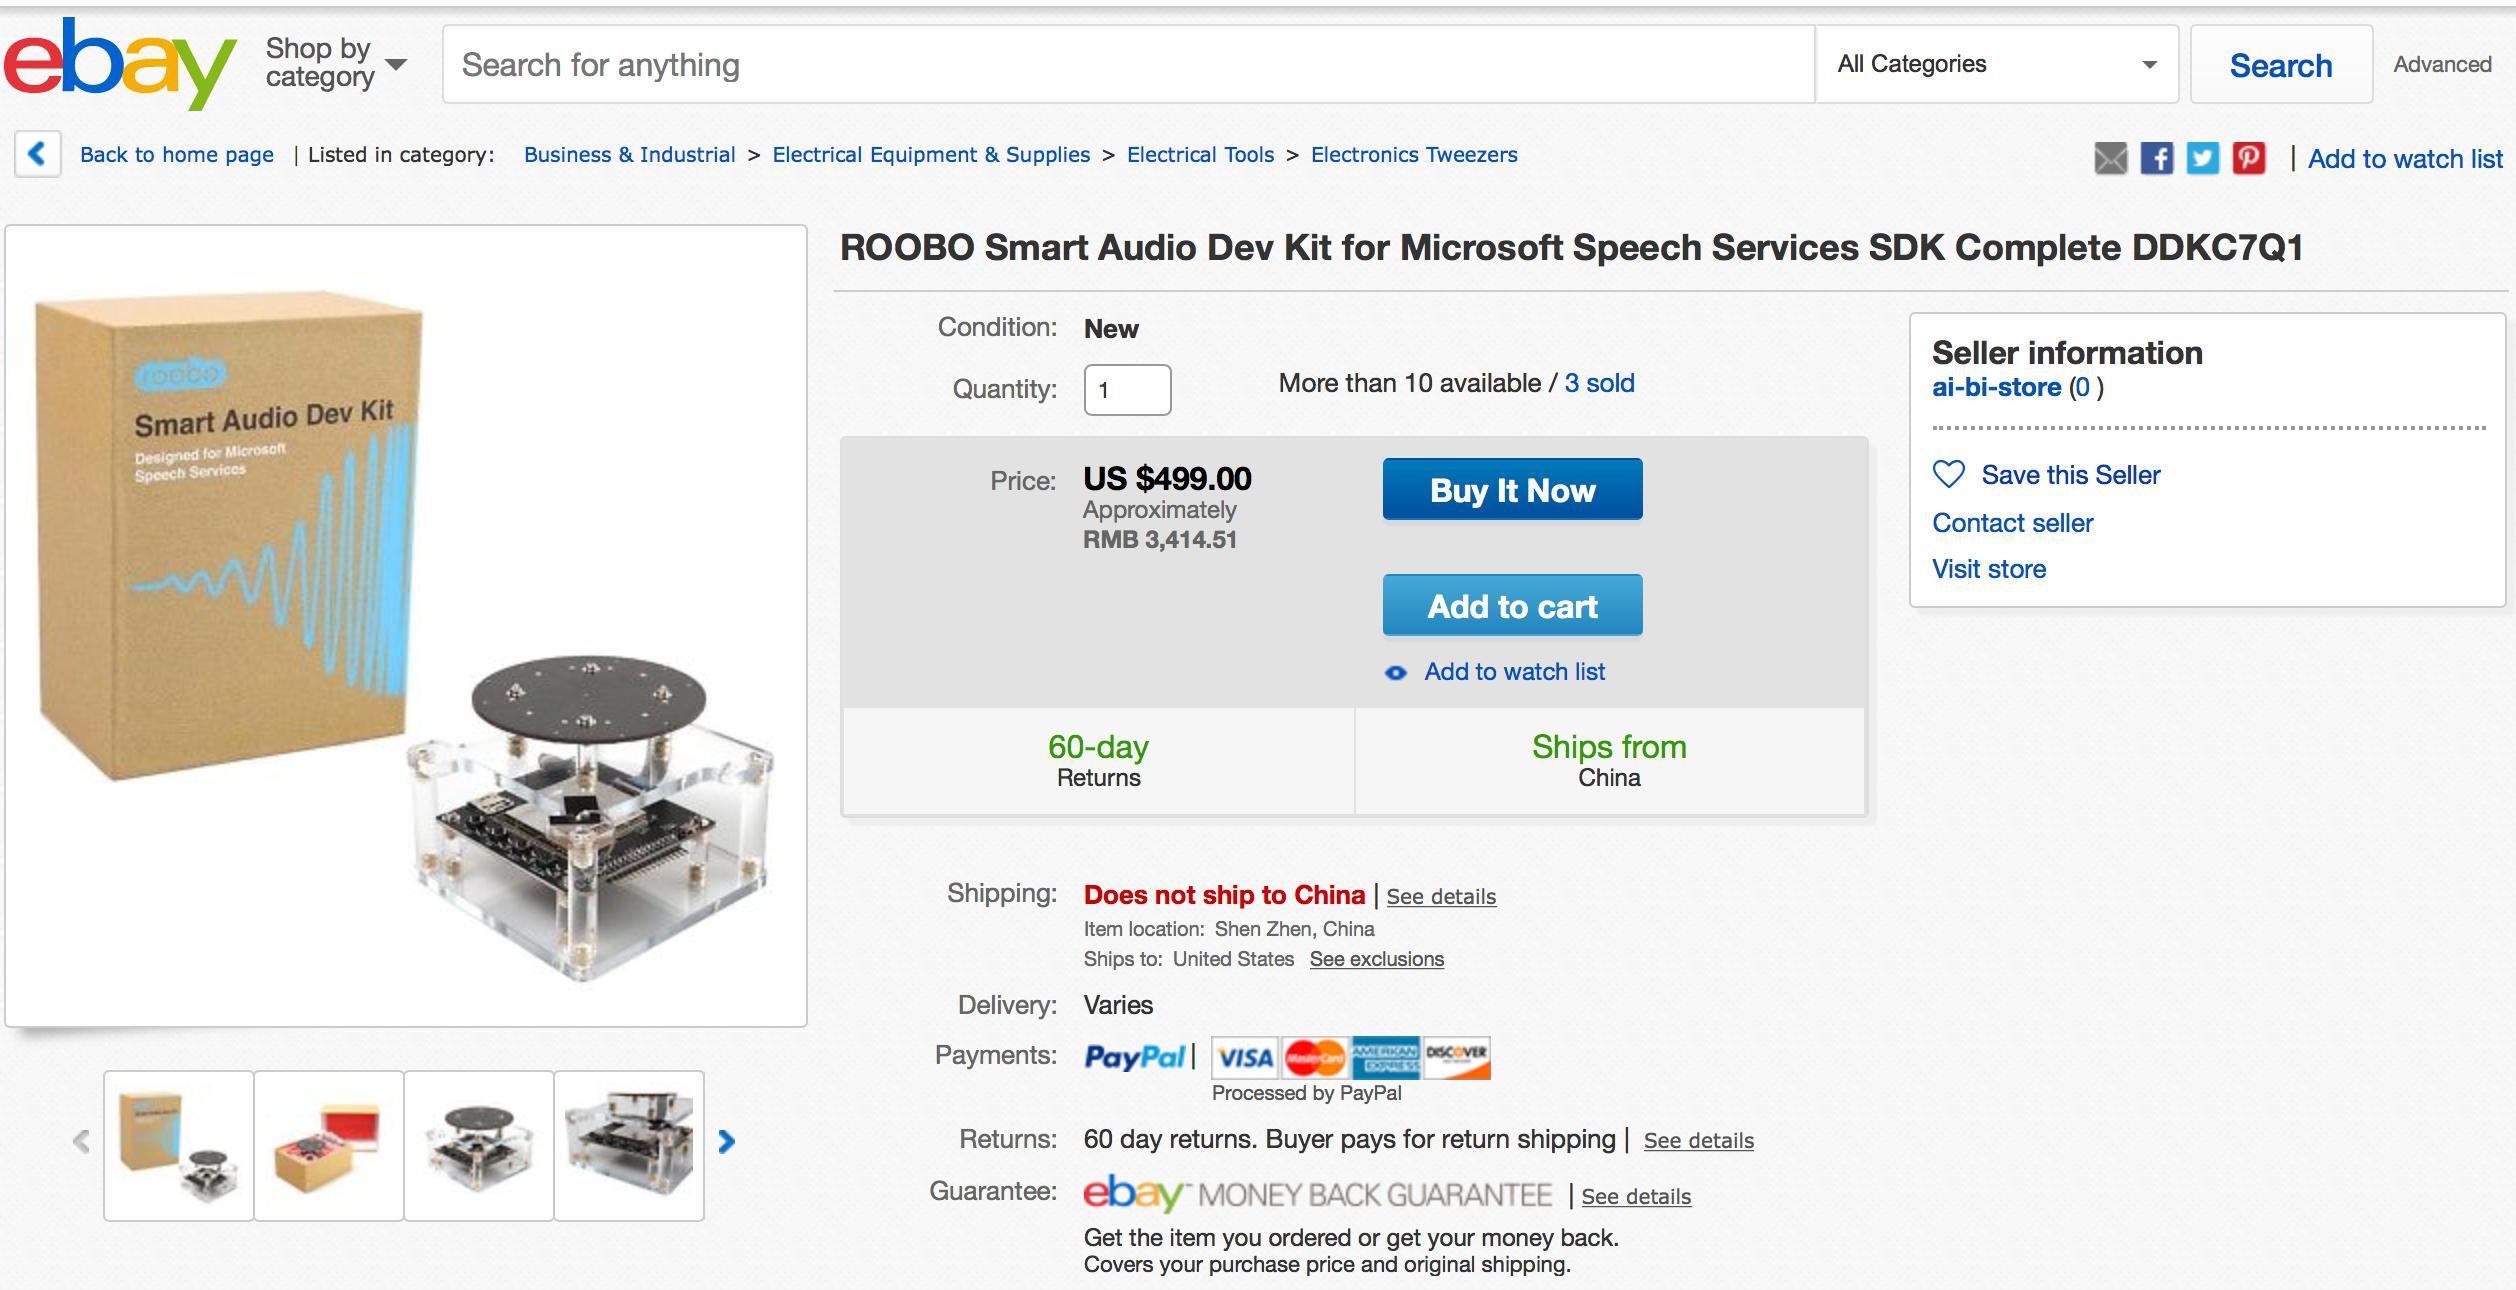 微软携ROOBO推出语音开发套件 8月面向全球发售